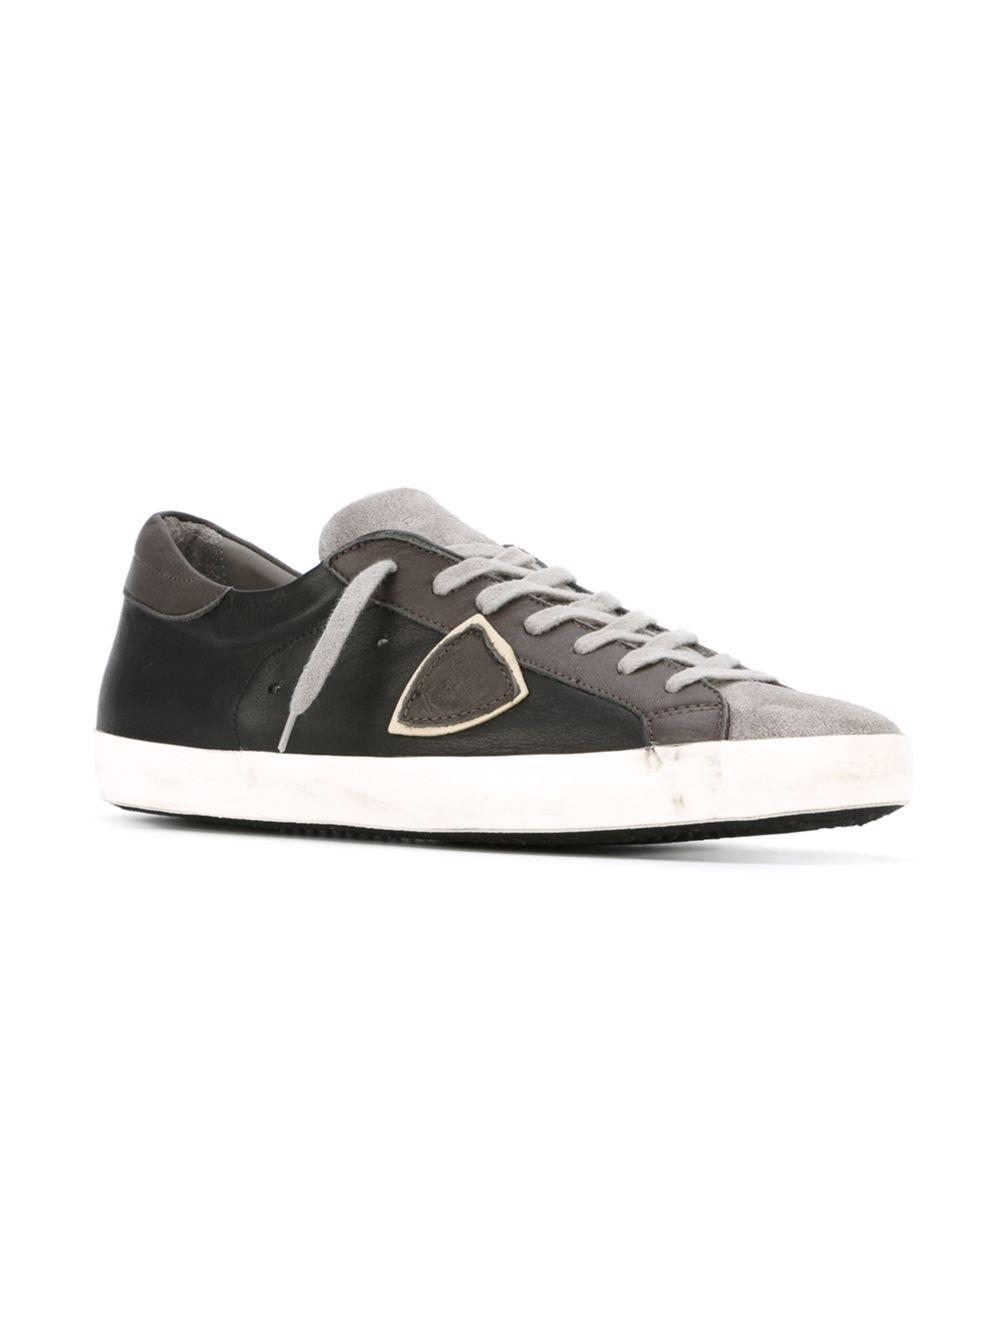 Philippe Model zapatillas clásicas - Negro farfetch PS by PAUL SMITH CALZADO yoox el-beige Cuero gZpoVcH